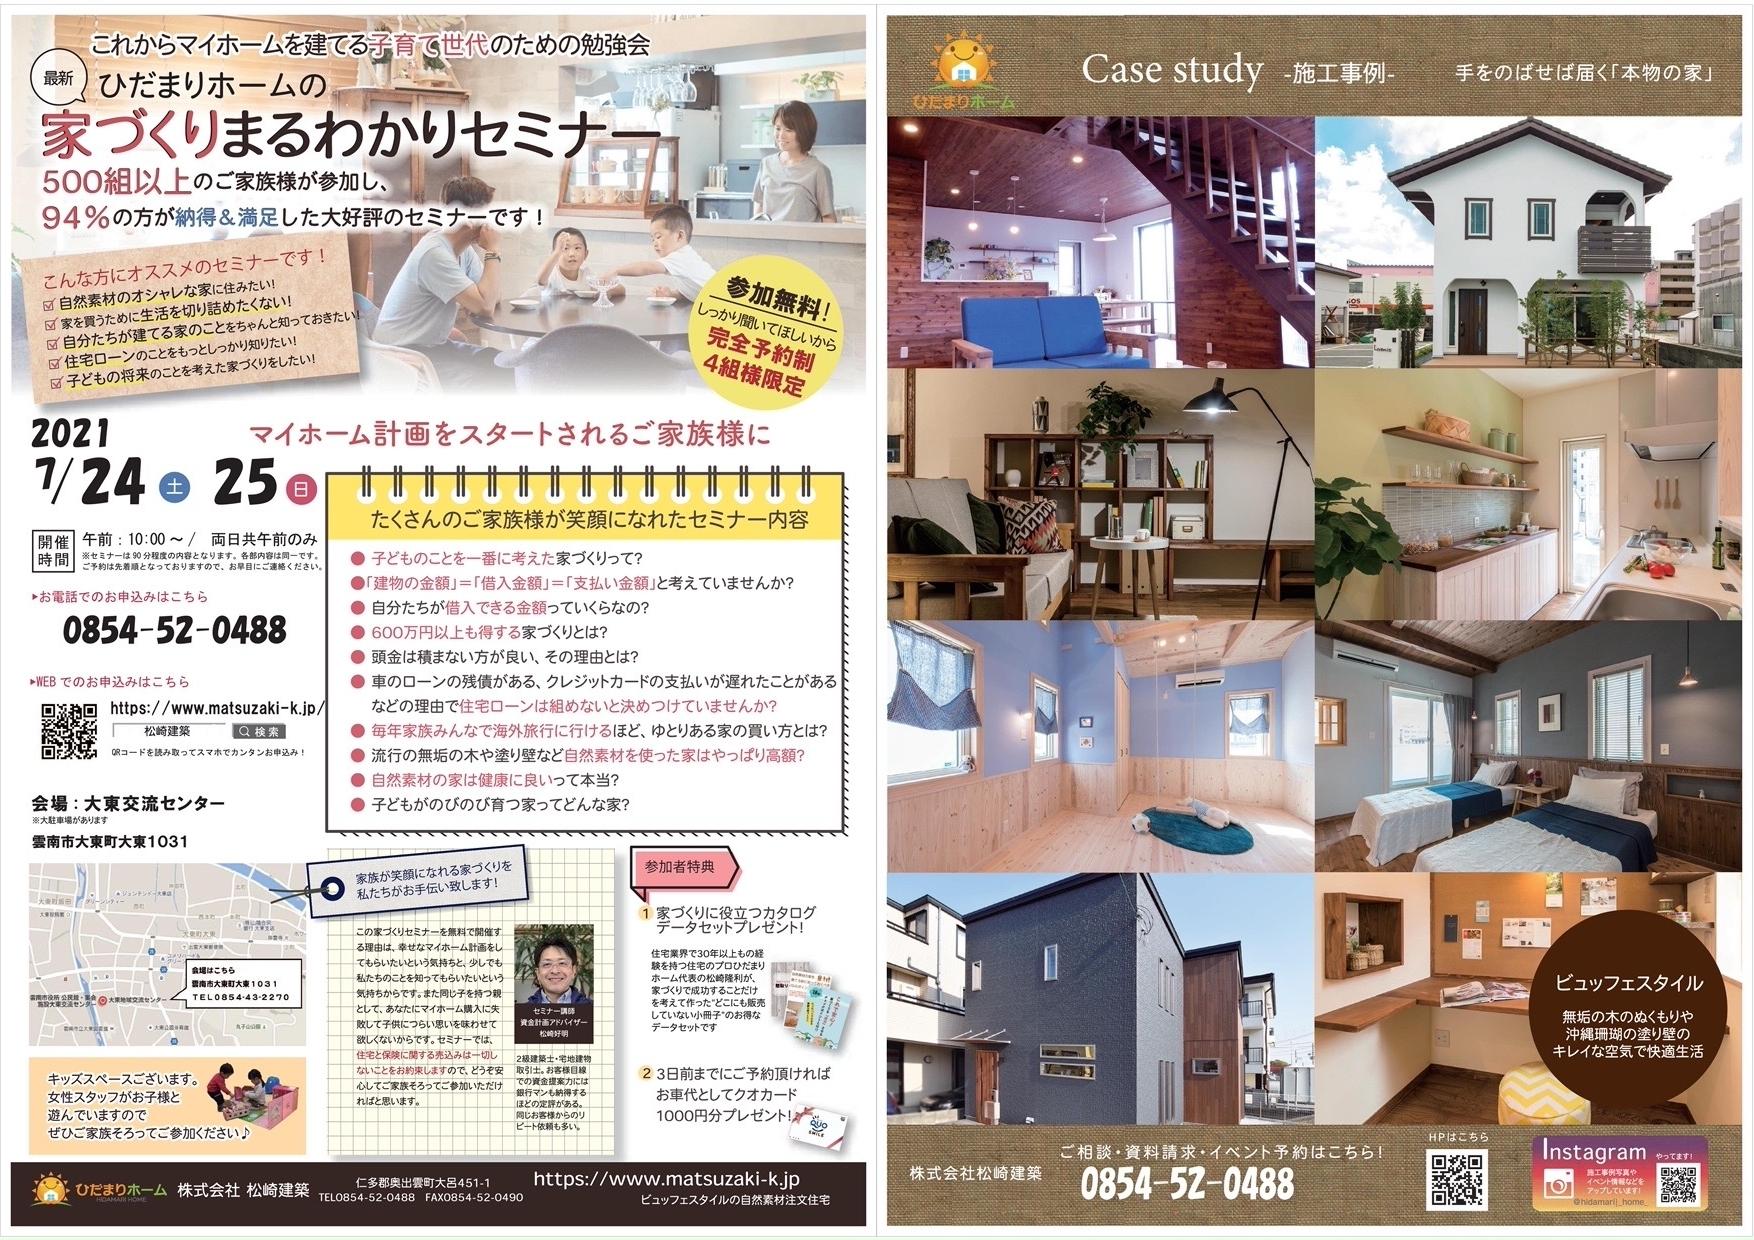 https://www.matsuzaki-k.jp/diaryblog/277C14D8-6873-49BC-A8B6-E982D372BFA6.jpeg